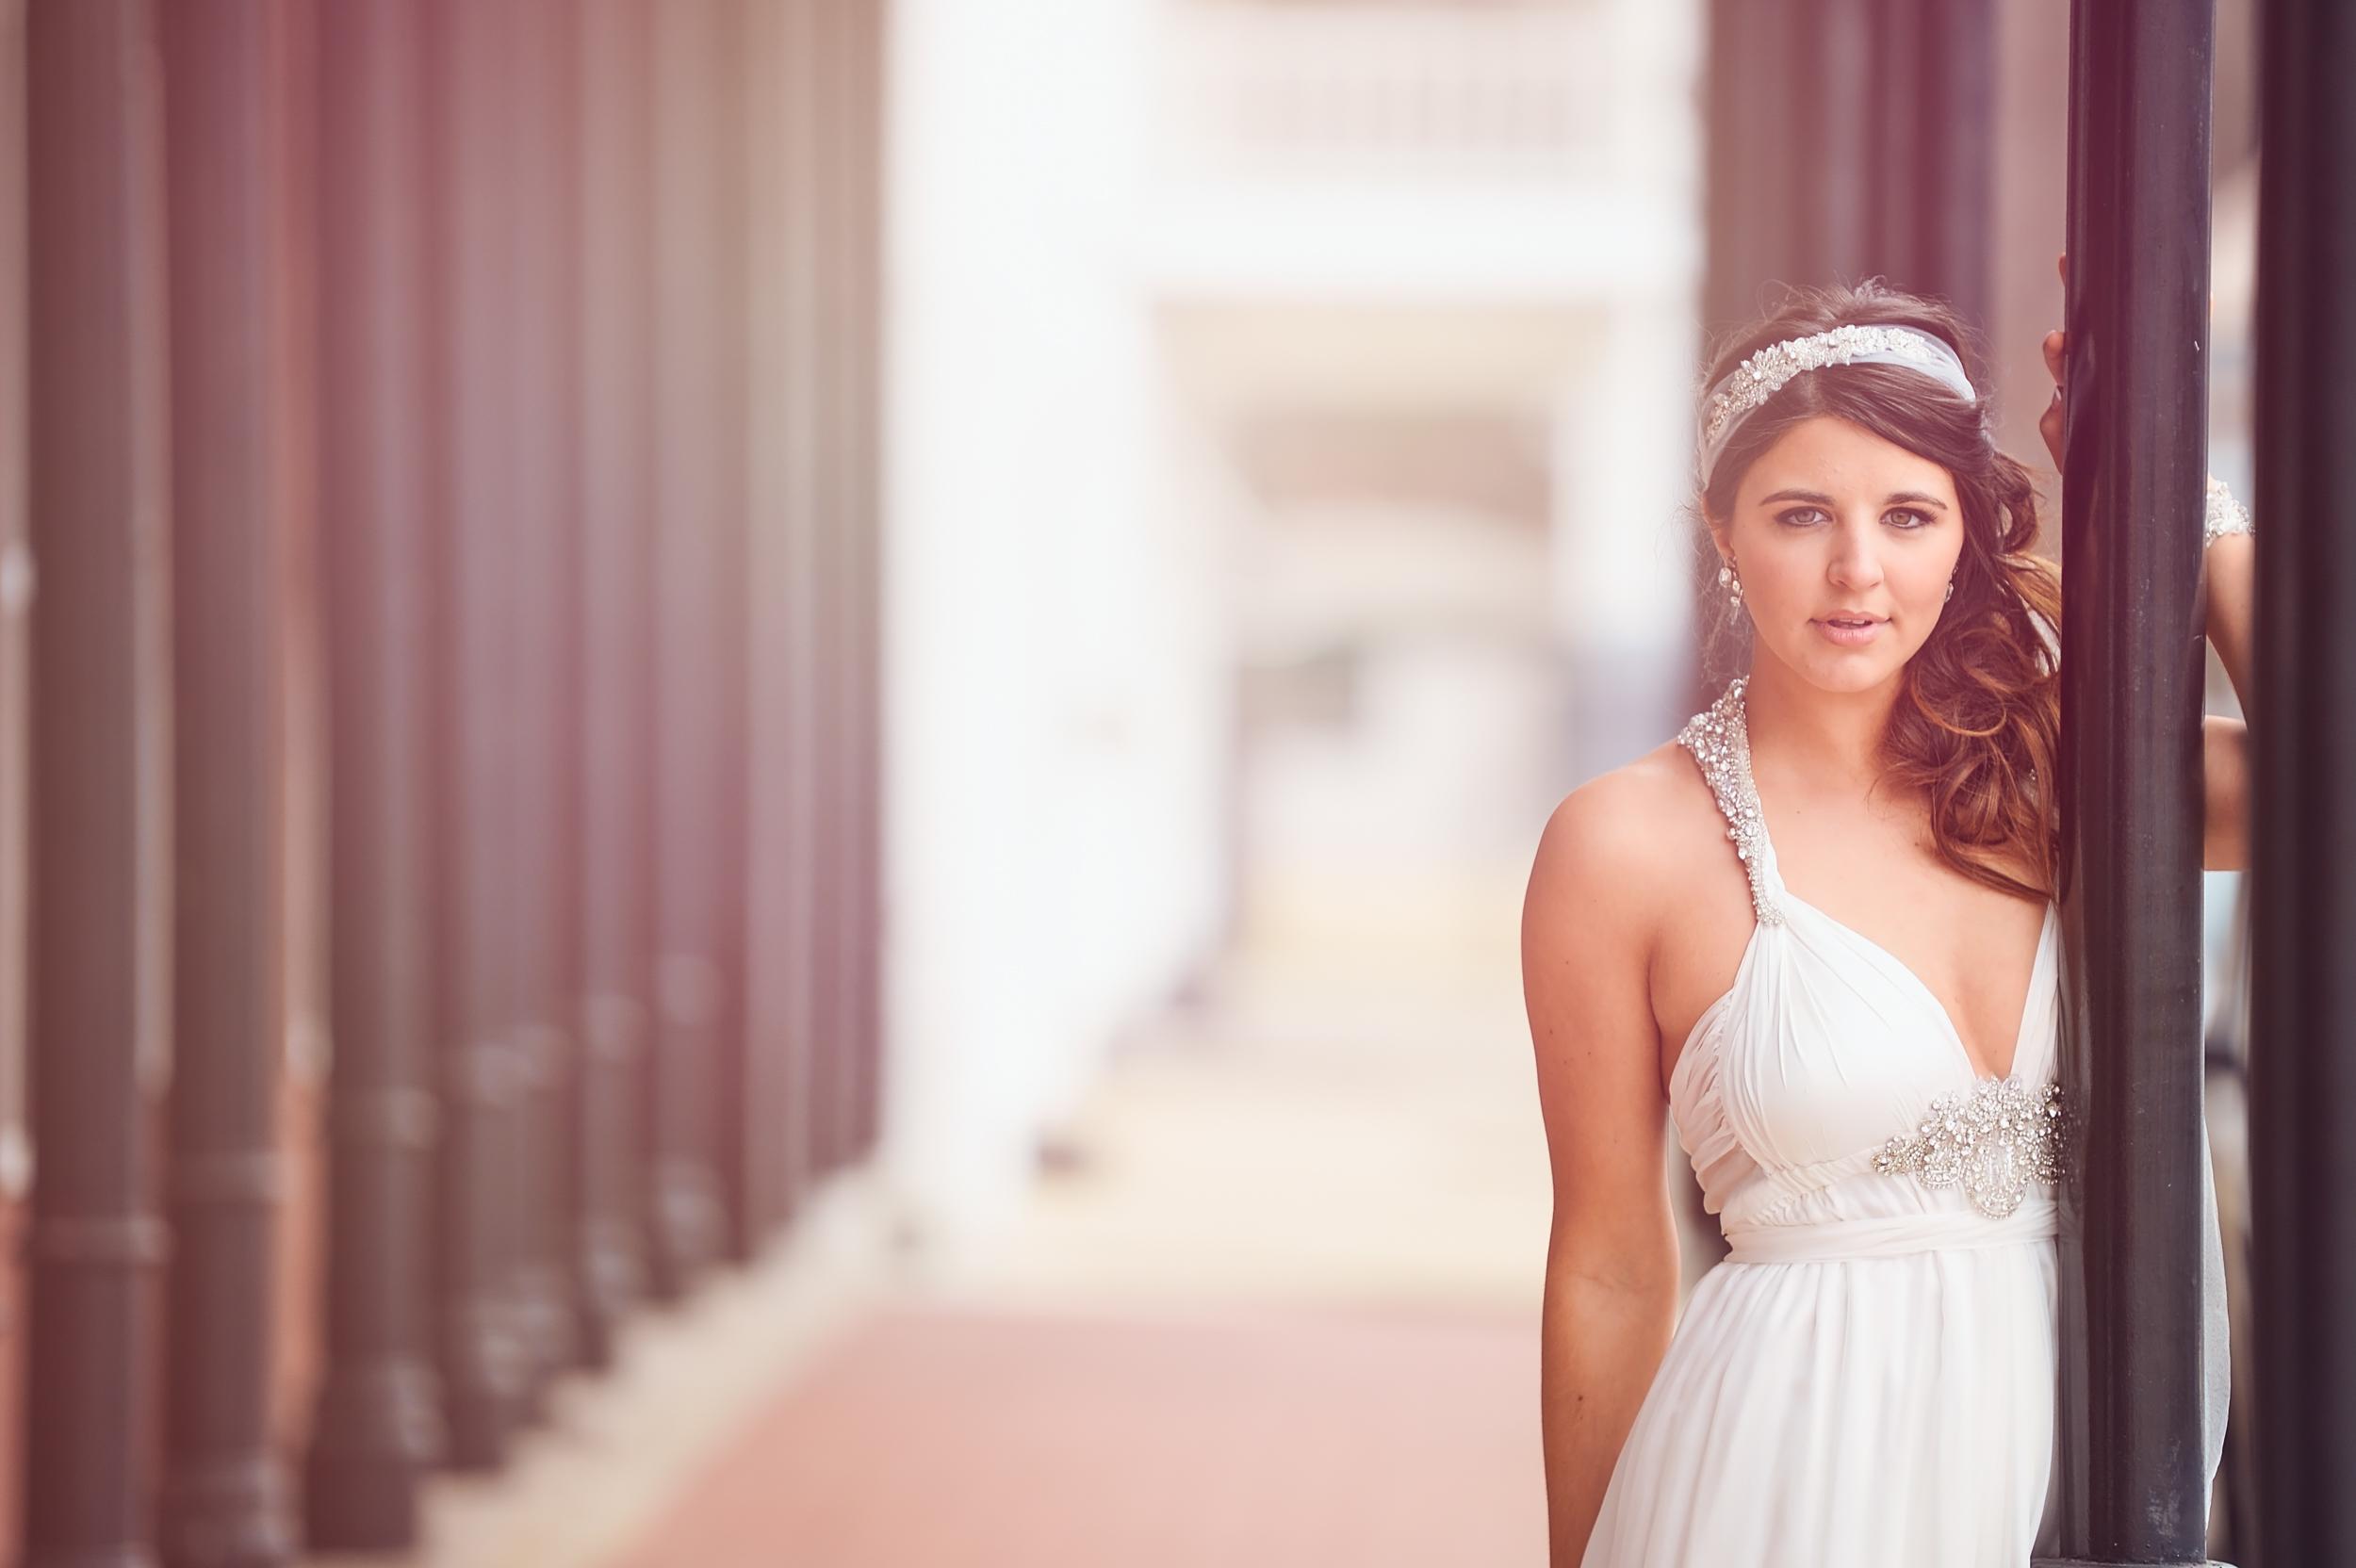 bridals©2015mileswittboyer-16.jpg